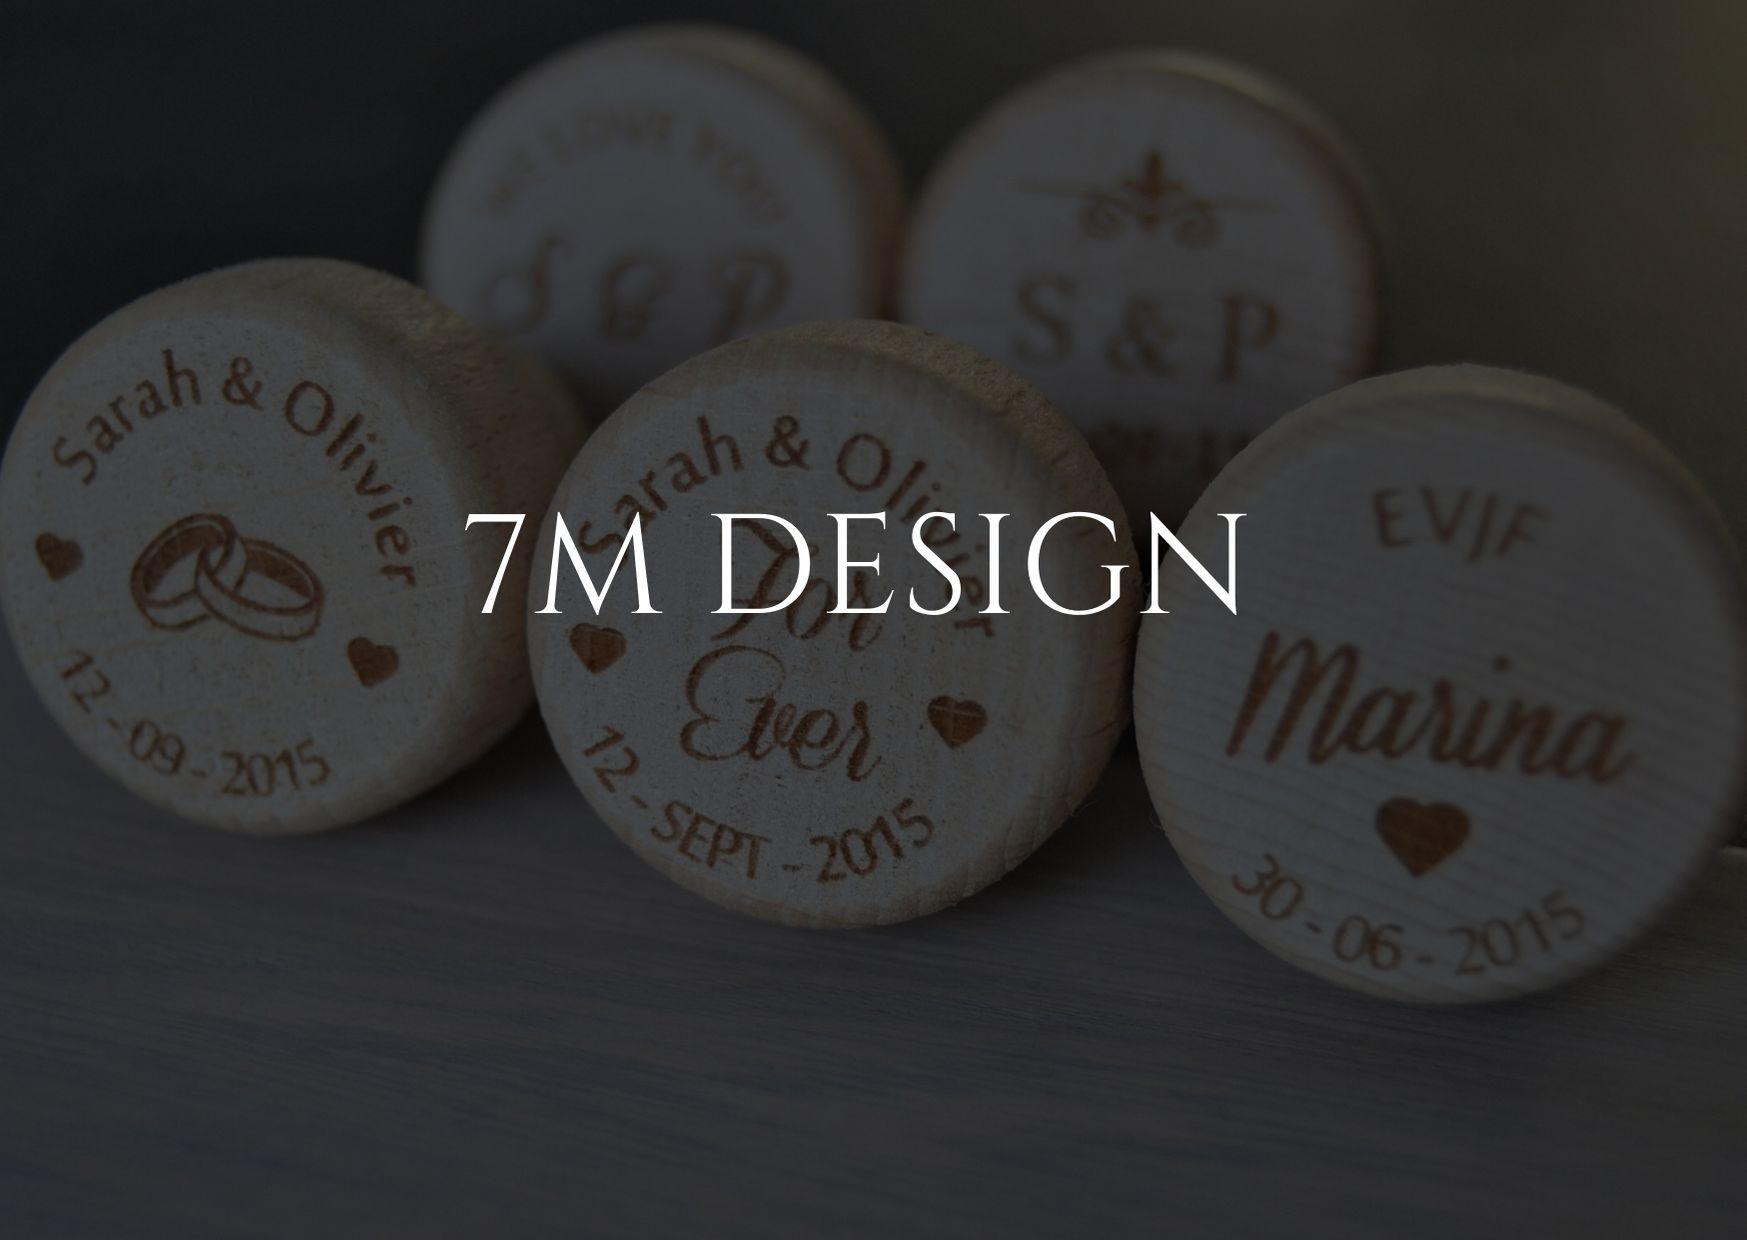 7M DESIGN